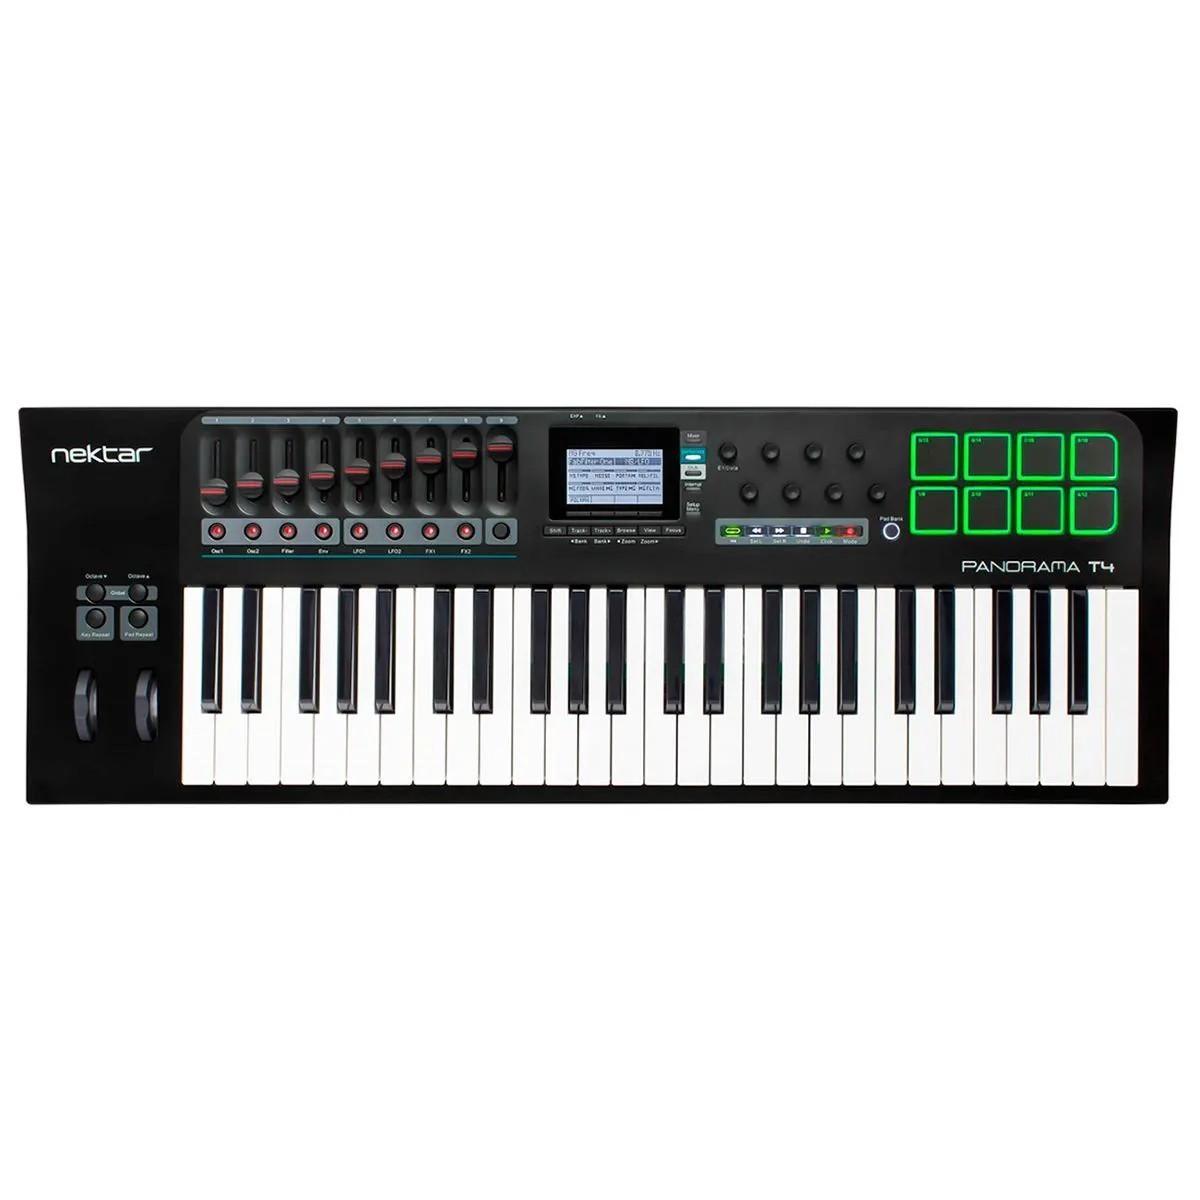 Teclado Controlador Nektar Panorama T4 MIDI USB 49 Teclas